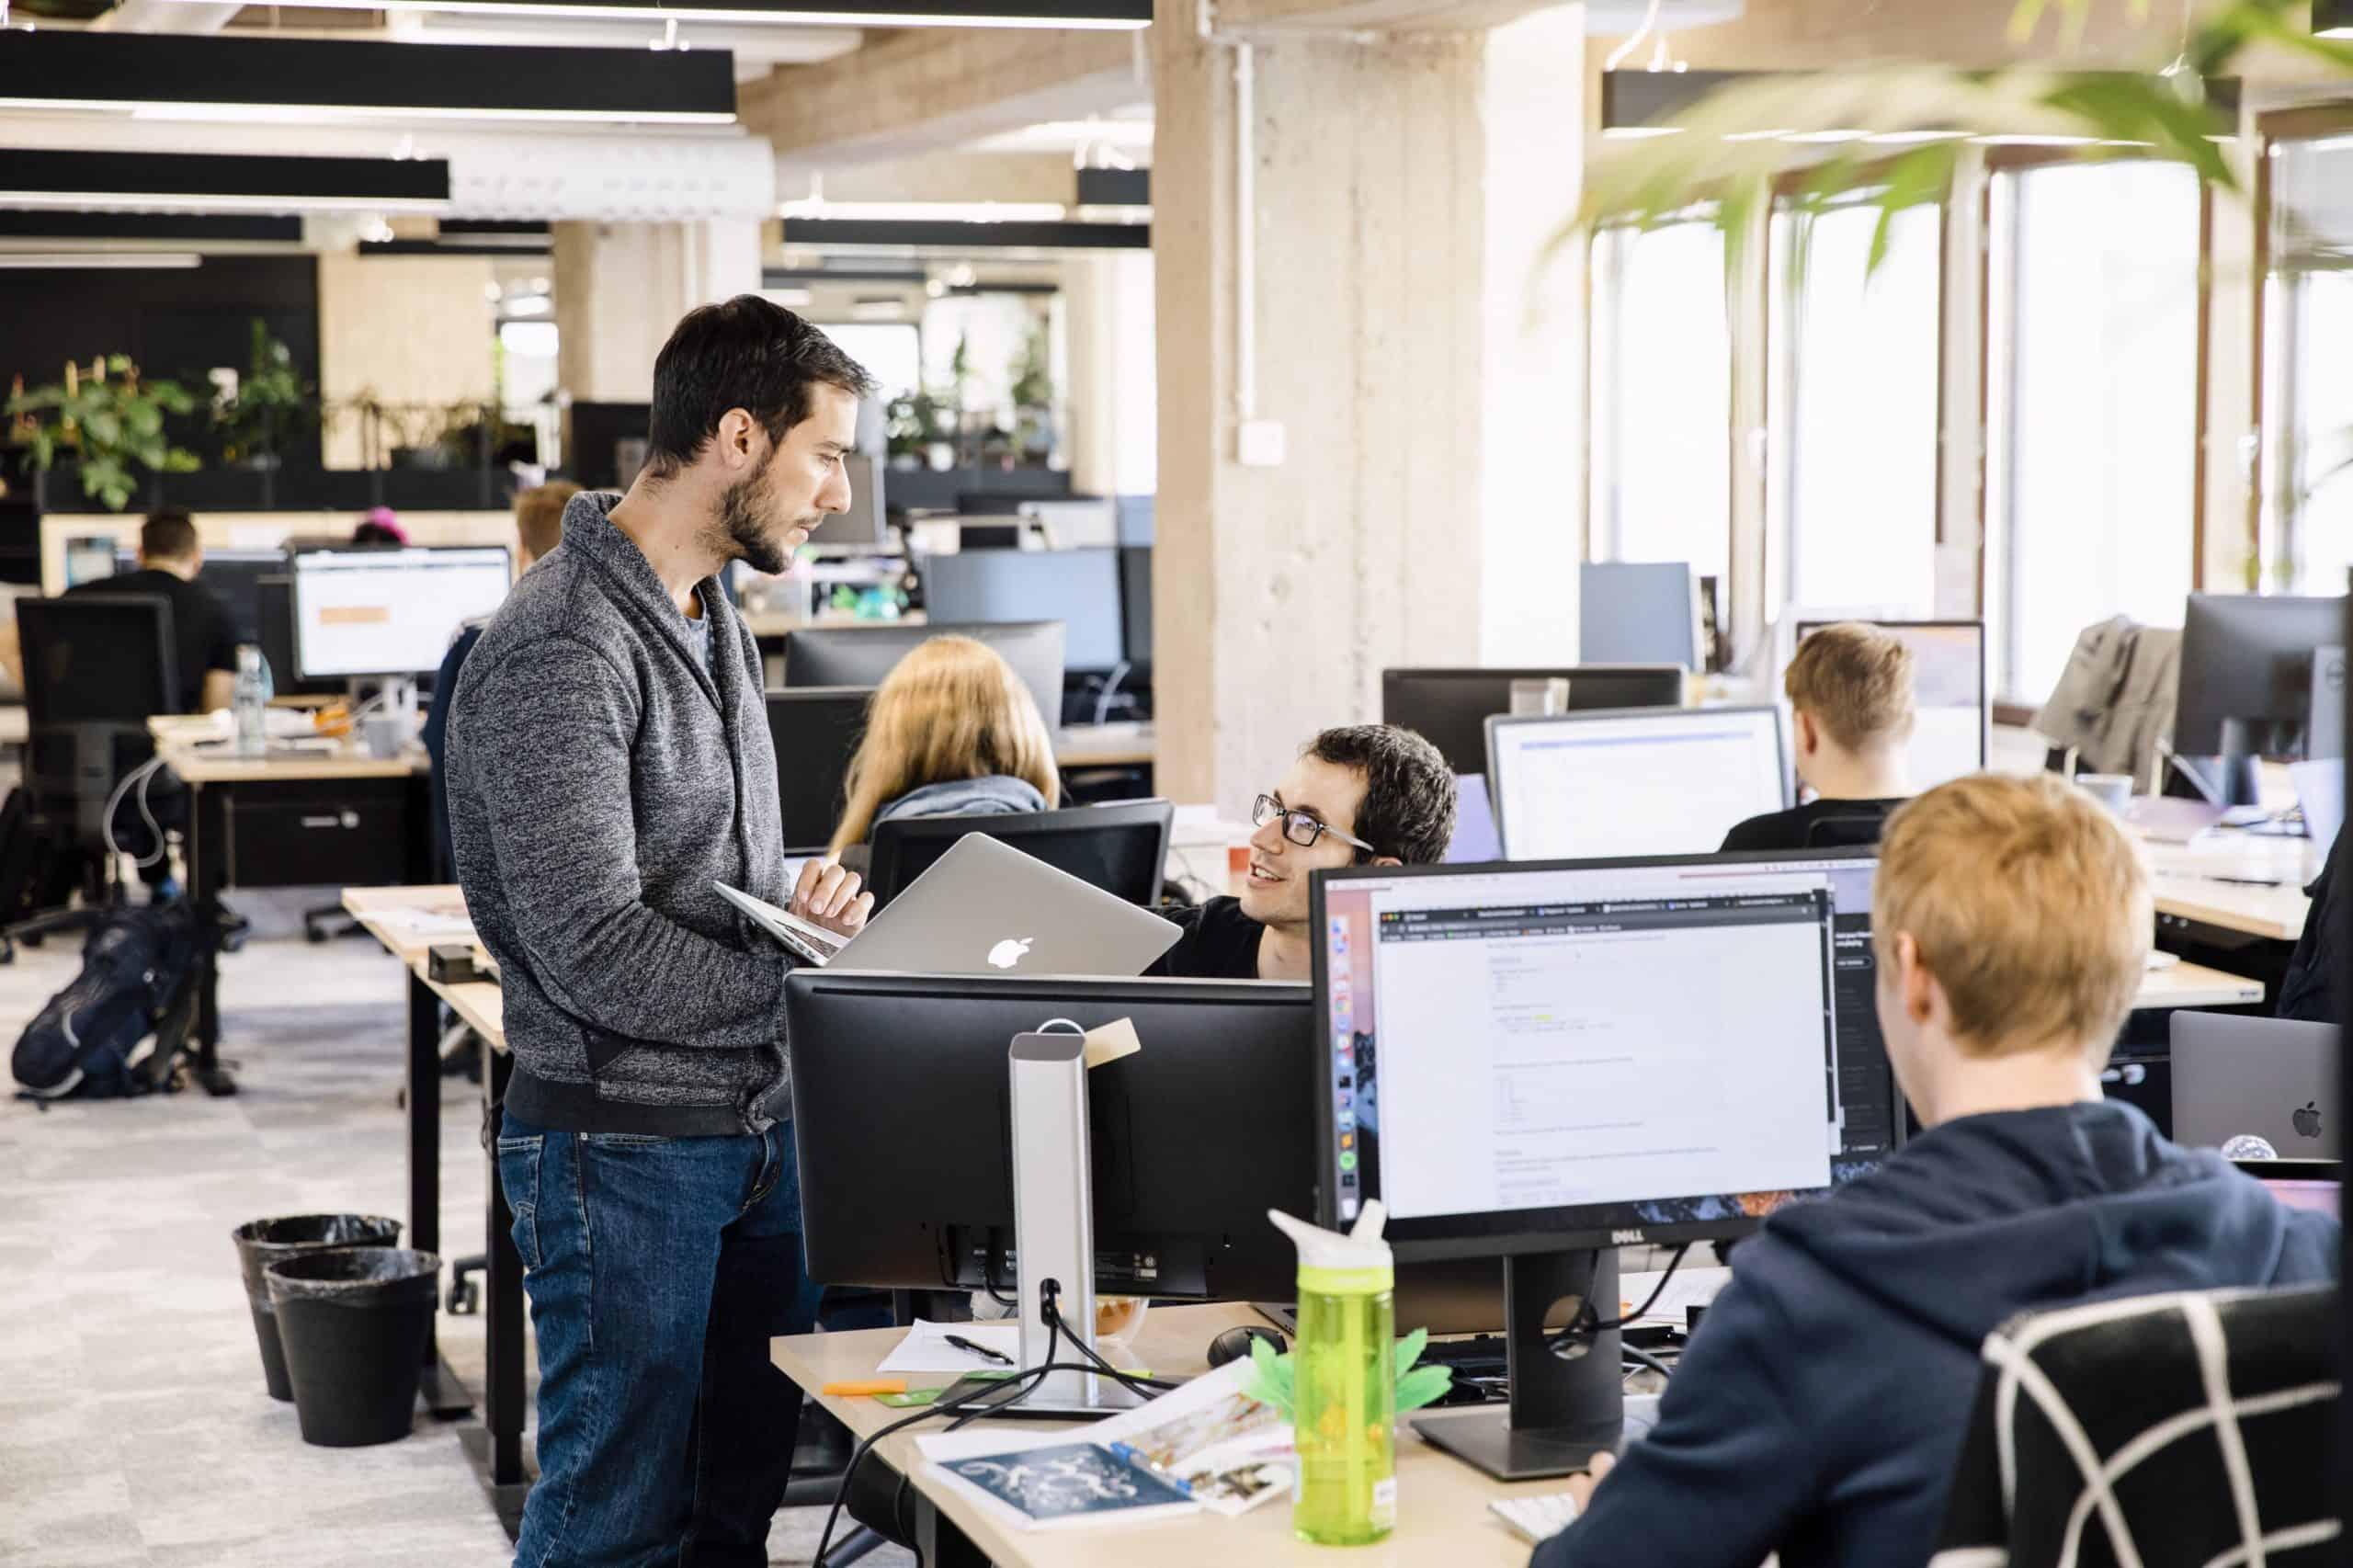 People in an open plan office.